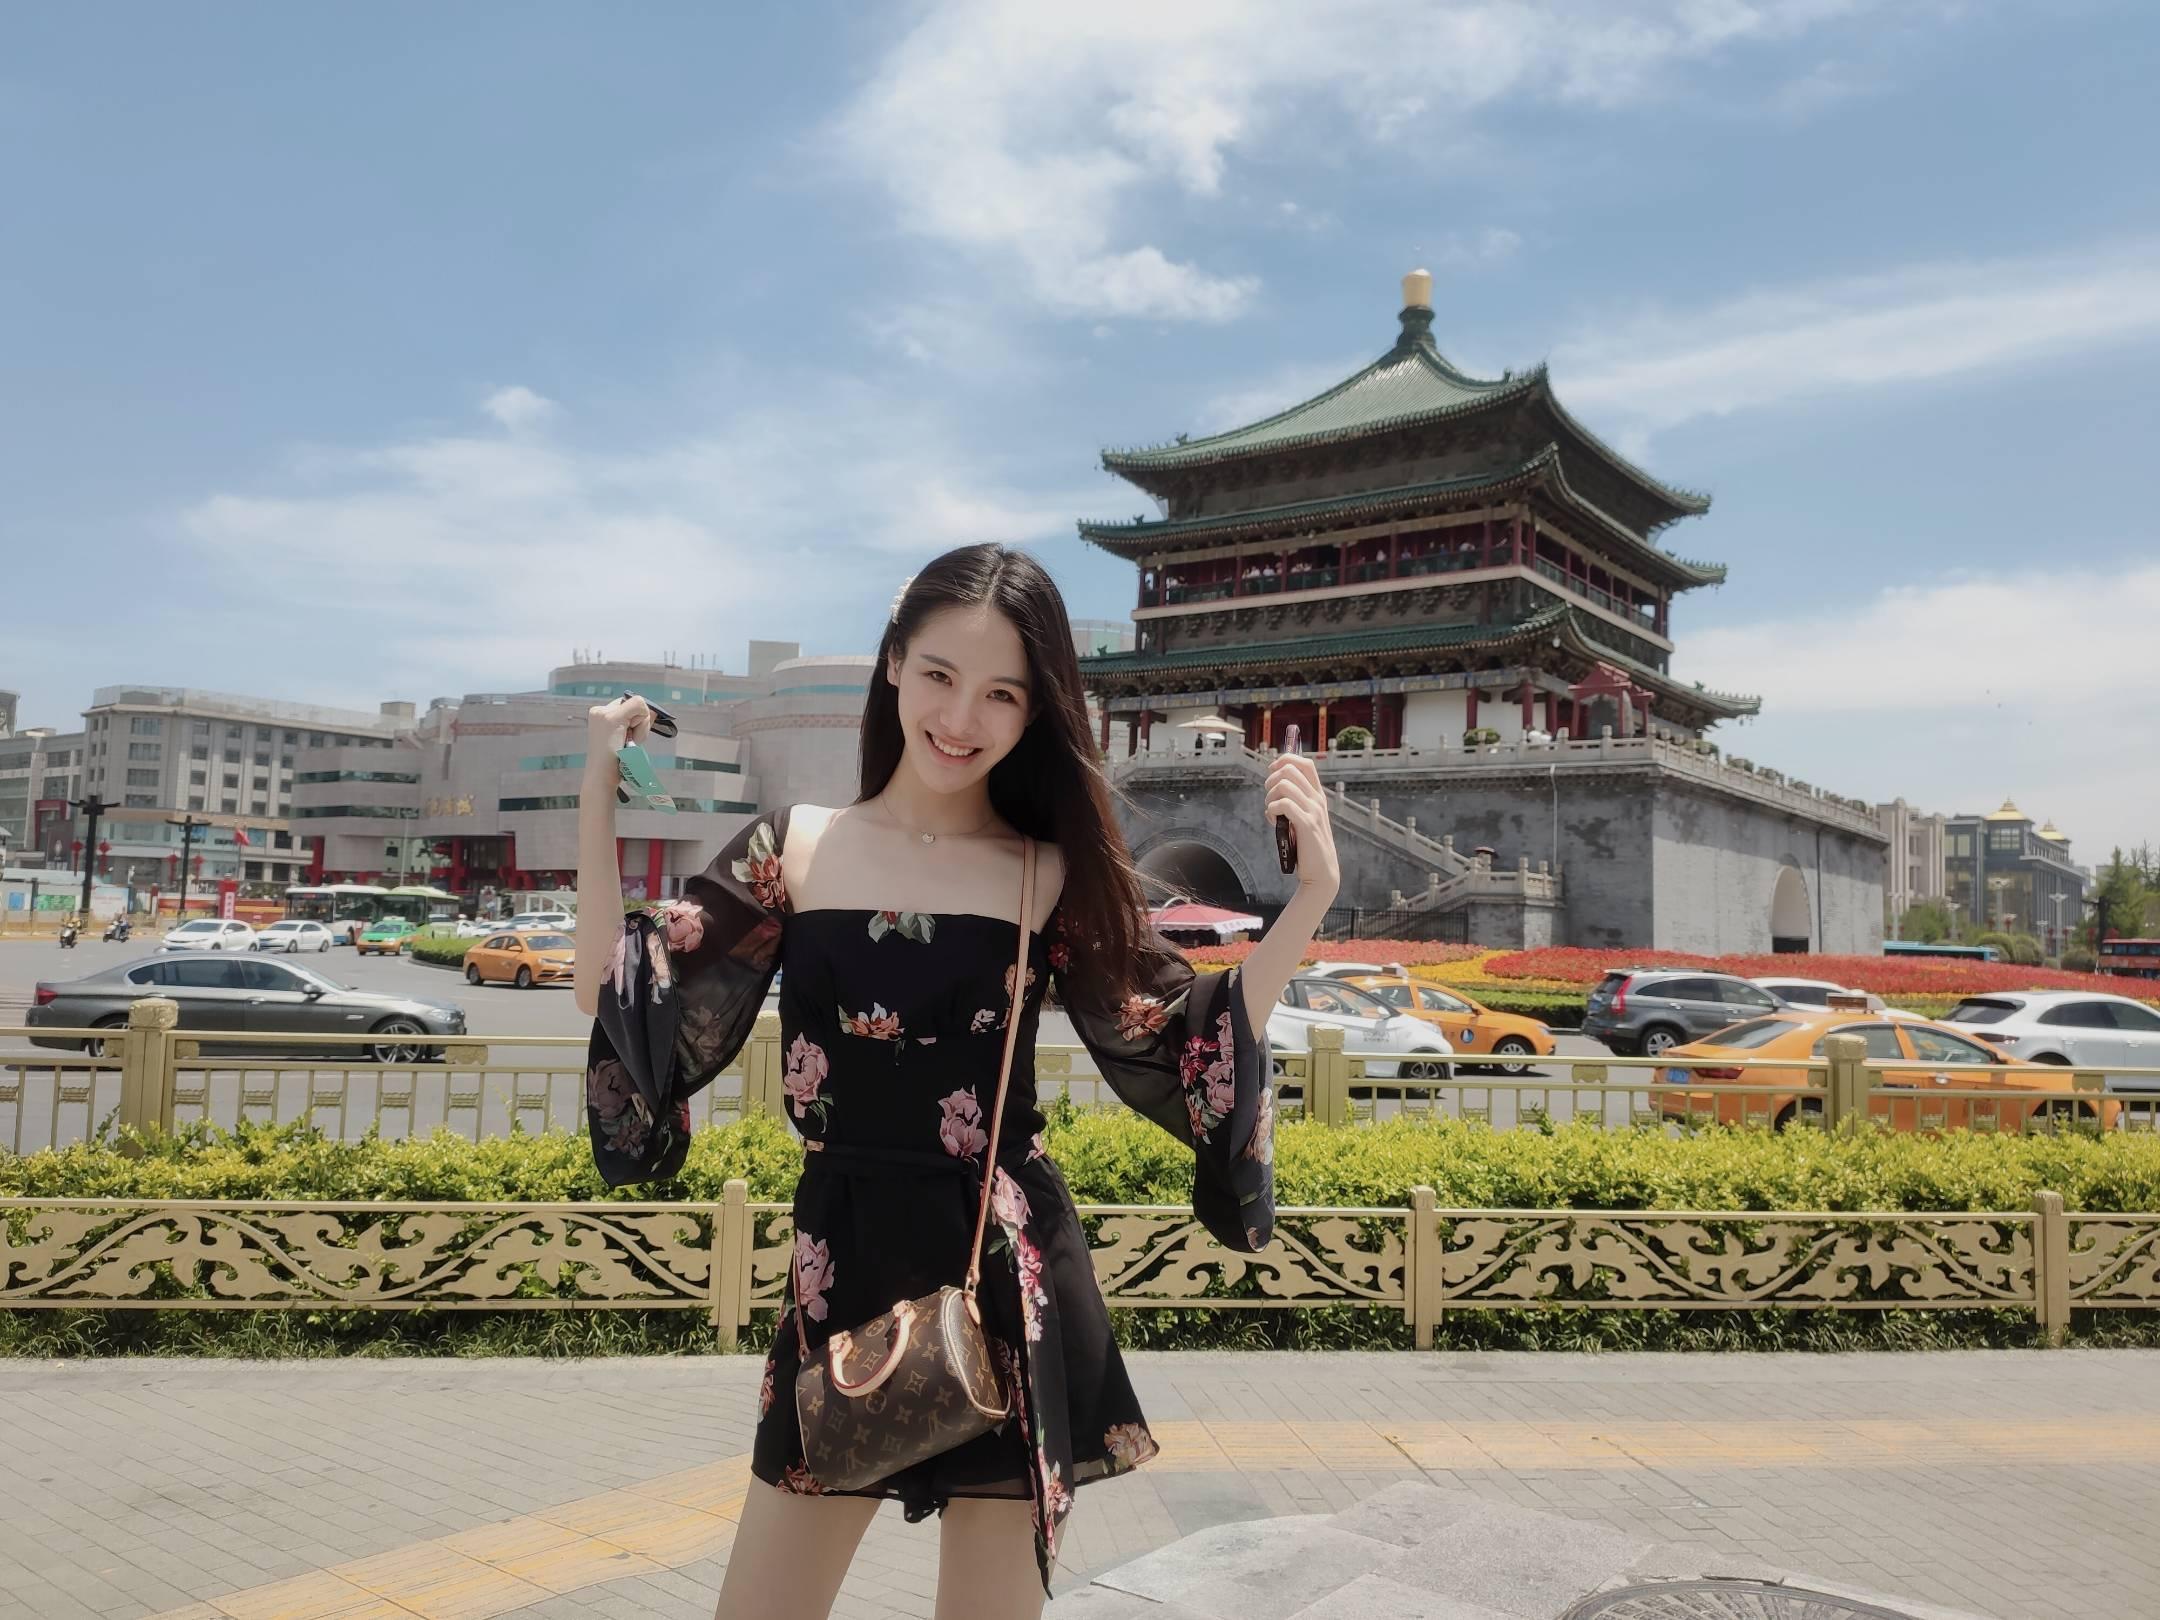 上海  毕业于复旦 内向 不喜欢参加社交活动的不喜欢去人多的地方 喜欢跑步喜欢猫喜欢睡觉喜欢看书和旅游  喜欢的类型:喜欢猫 喜欢跑步 游泳 喜欢温柔有礼貌的男生